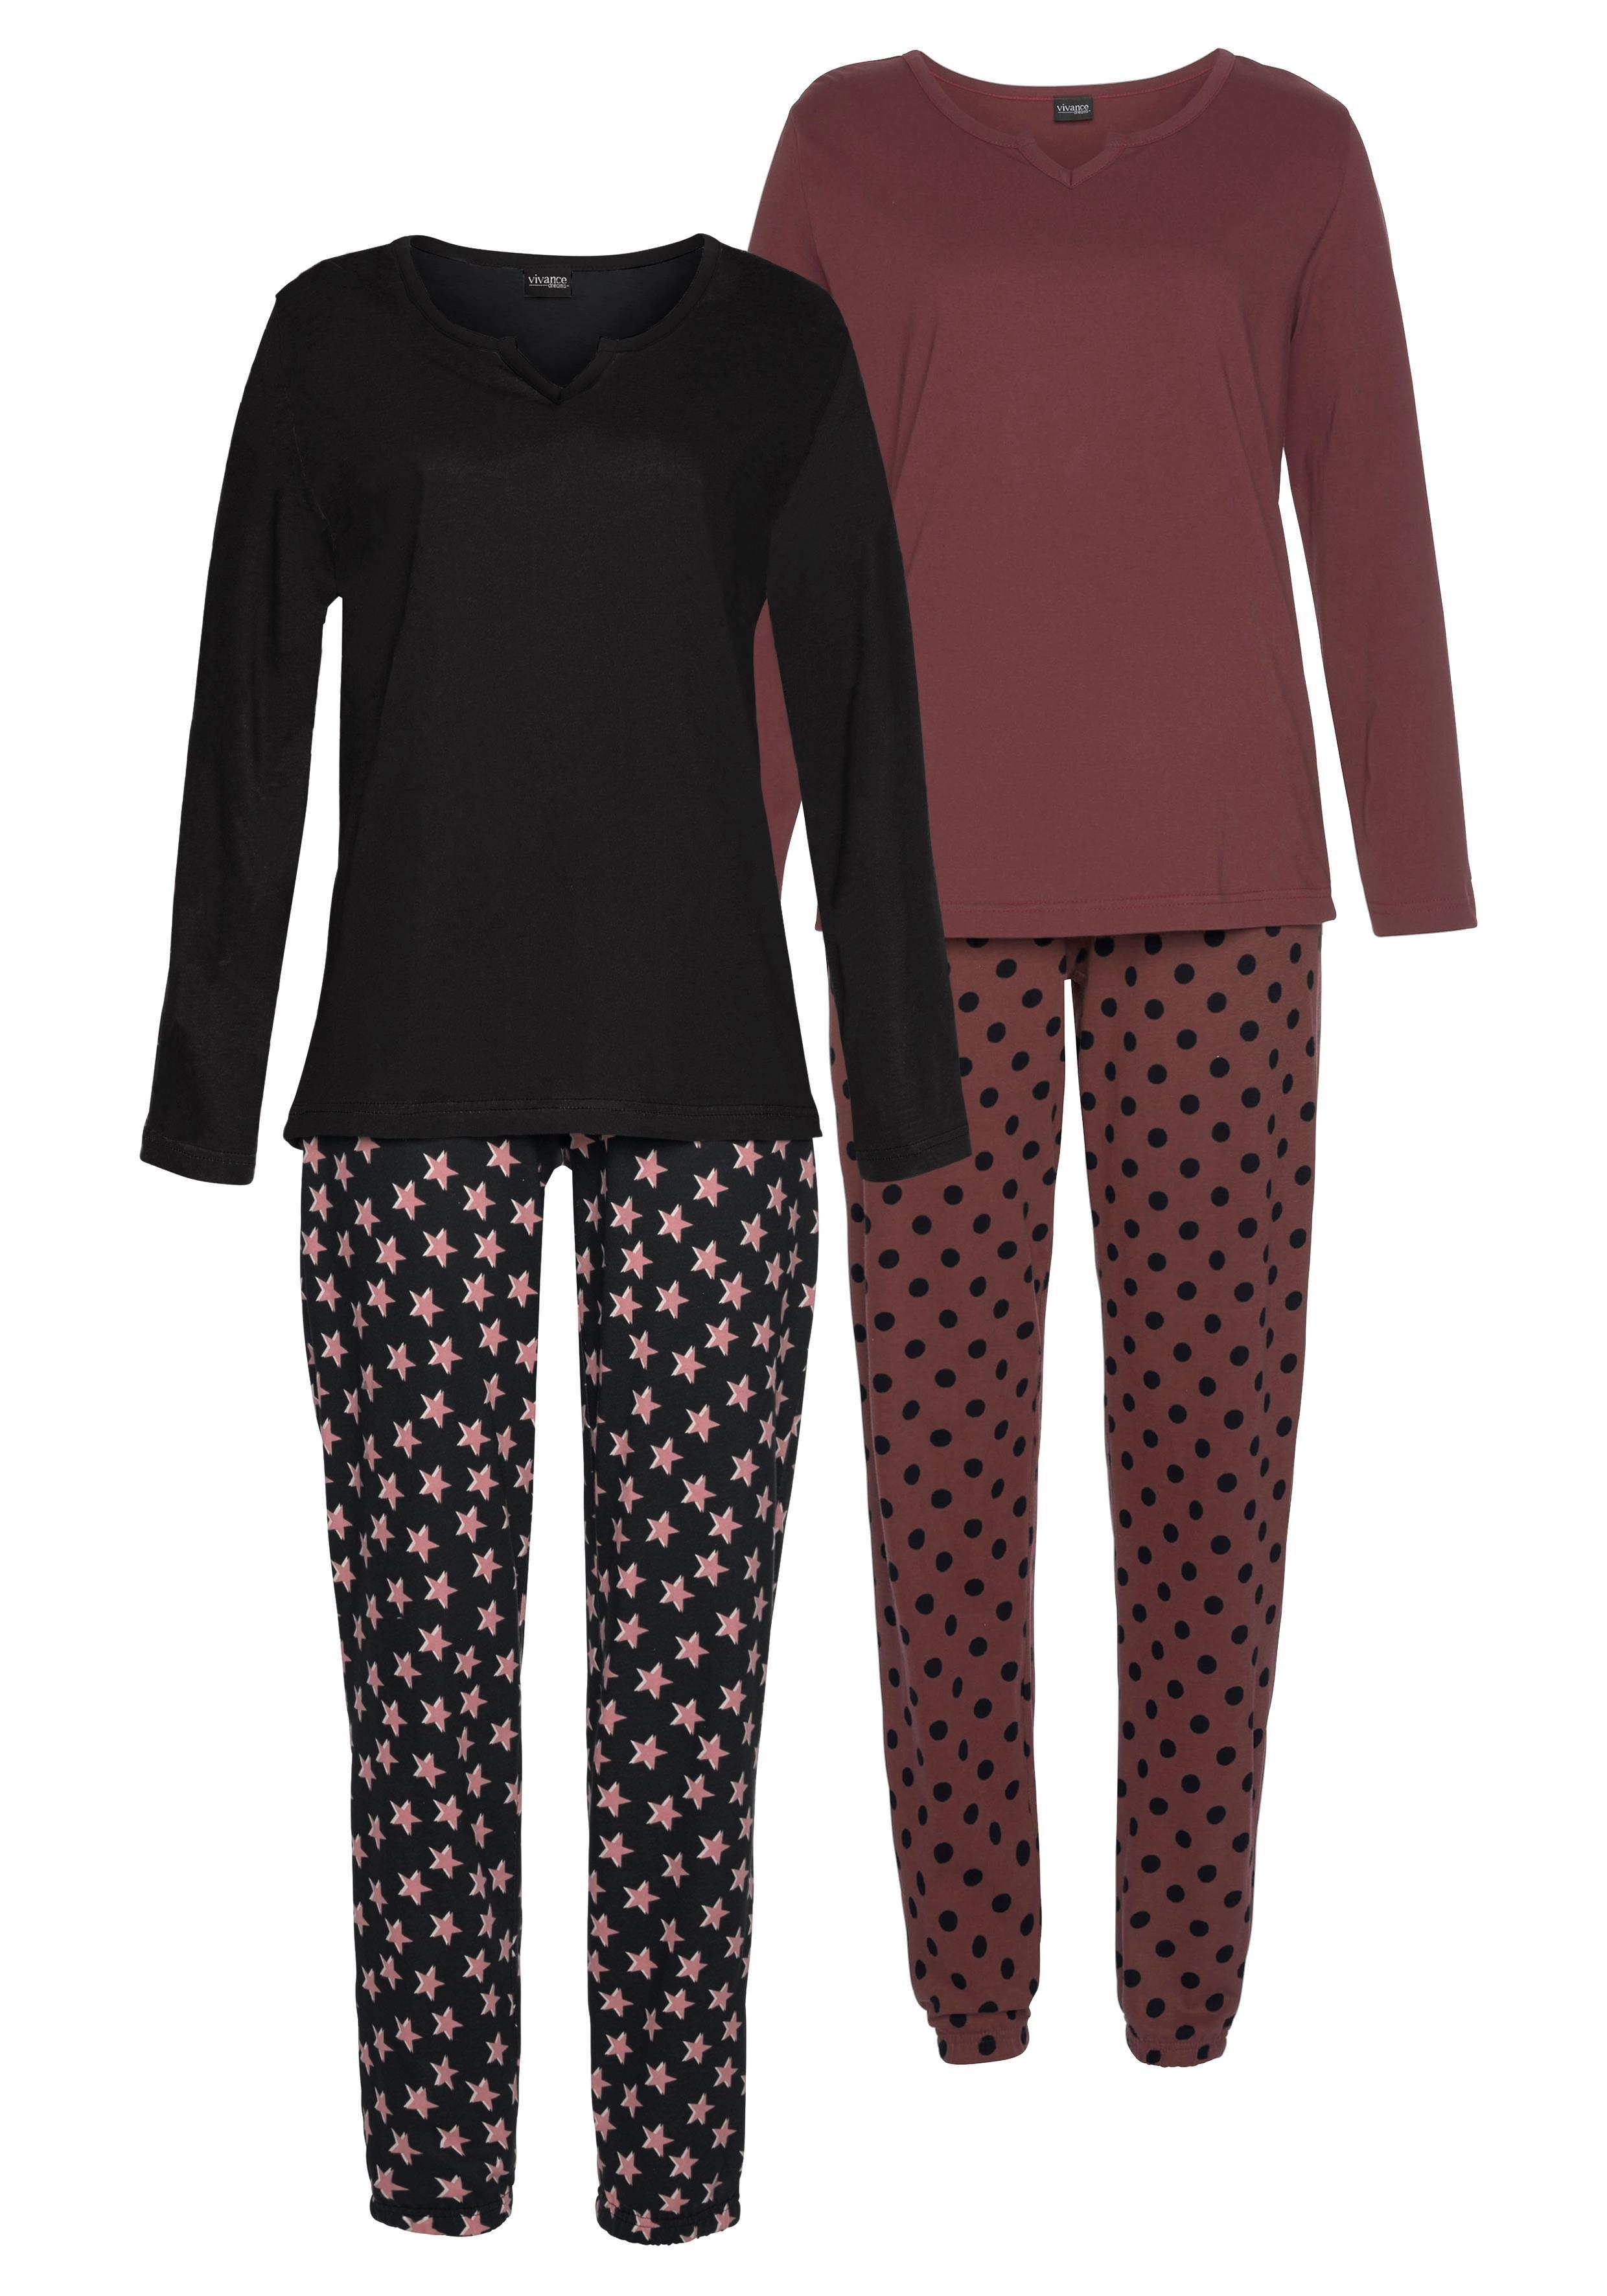 Vivance Collection Vivance Dreams pyjama (set van 2, 4-delig) bestellen: 14 dagen bedenktijd